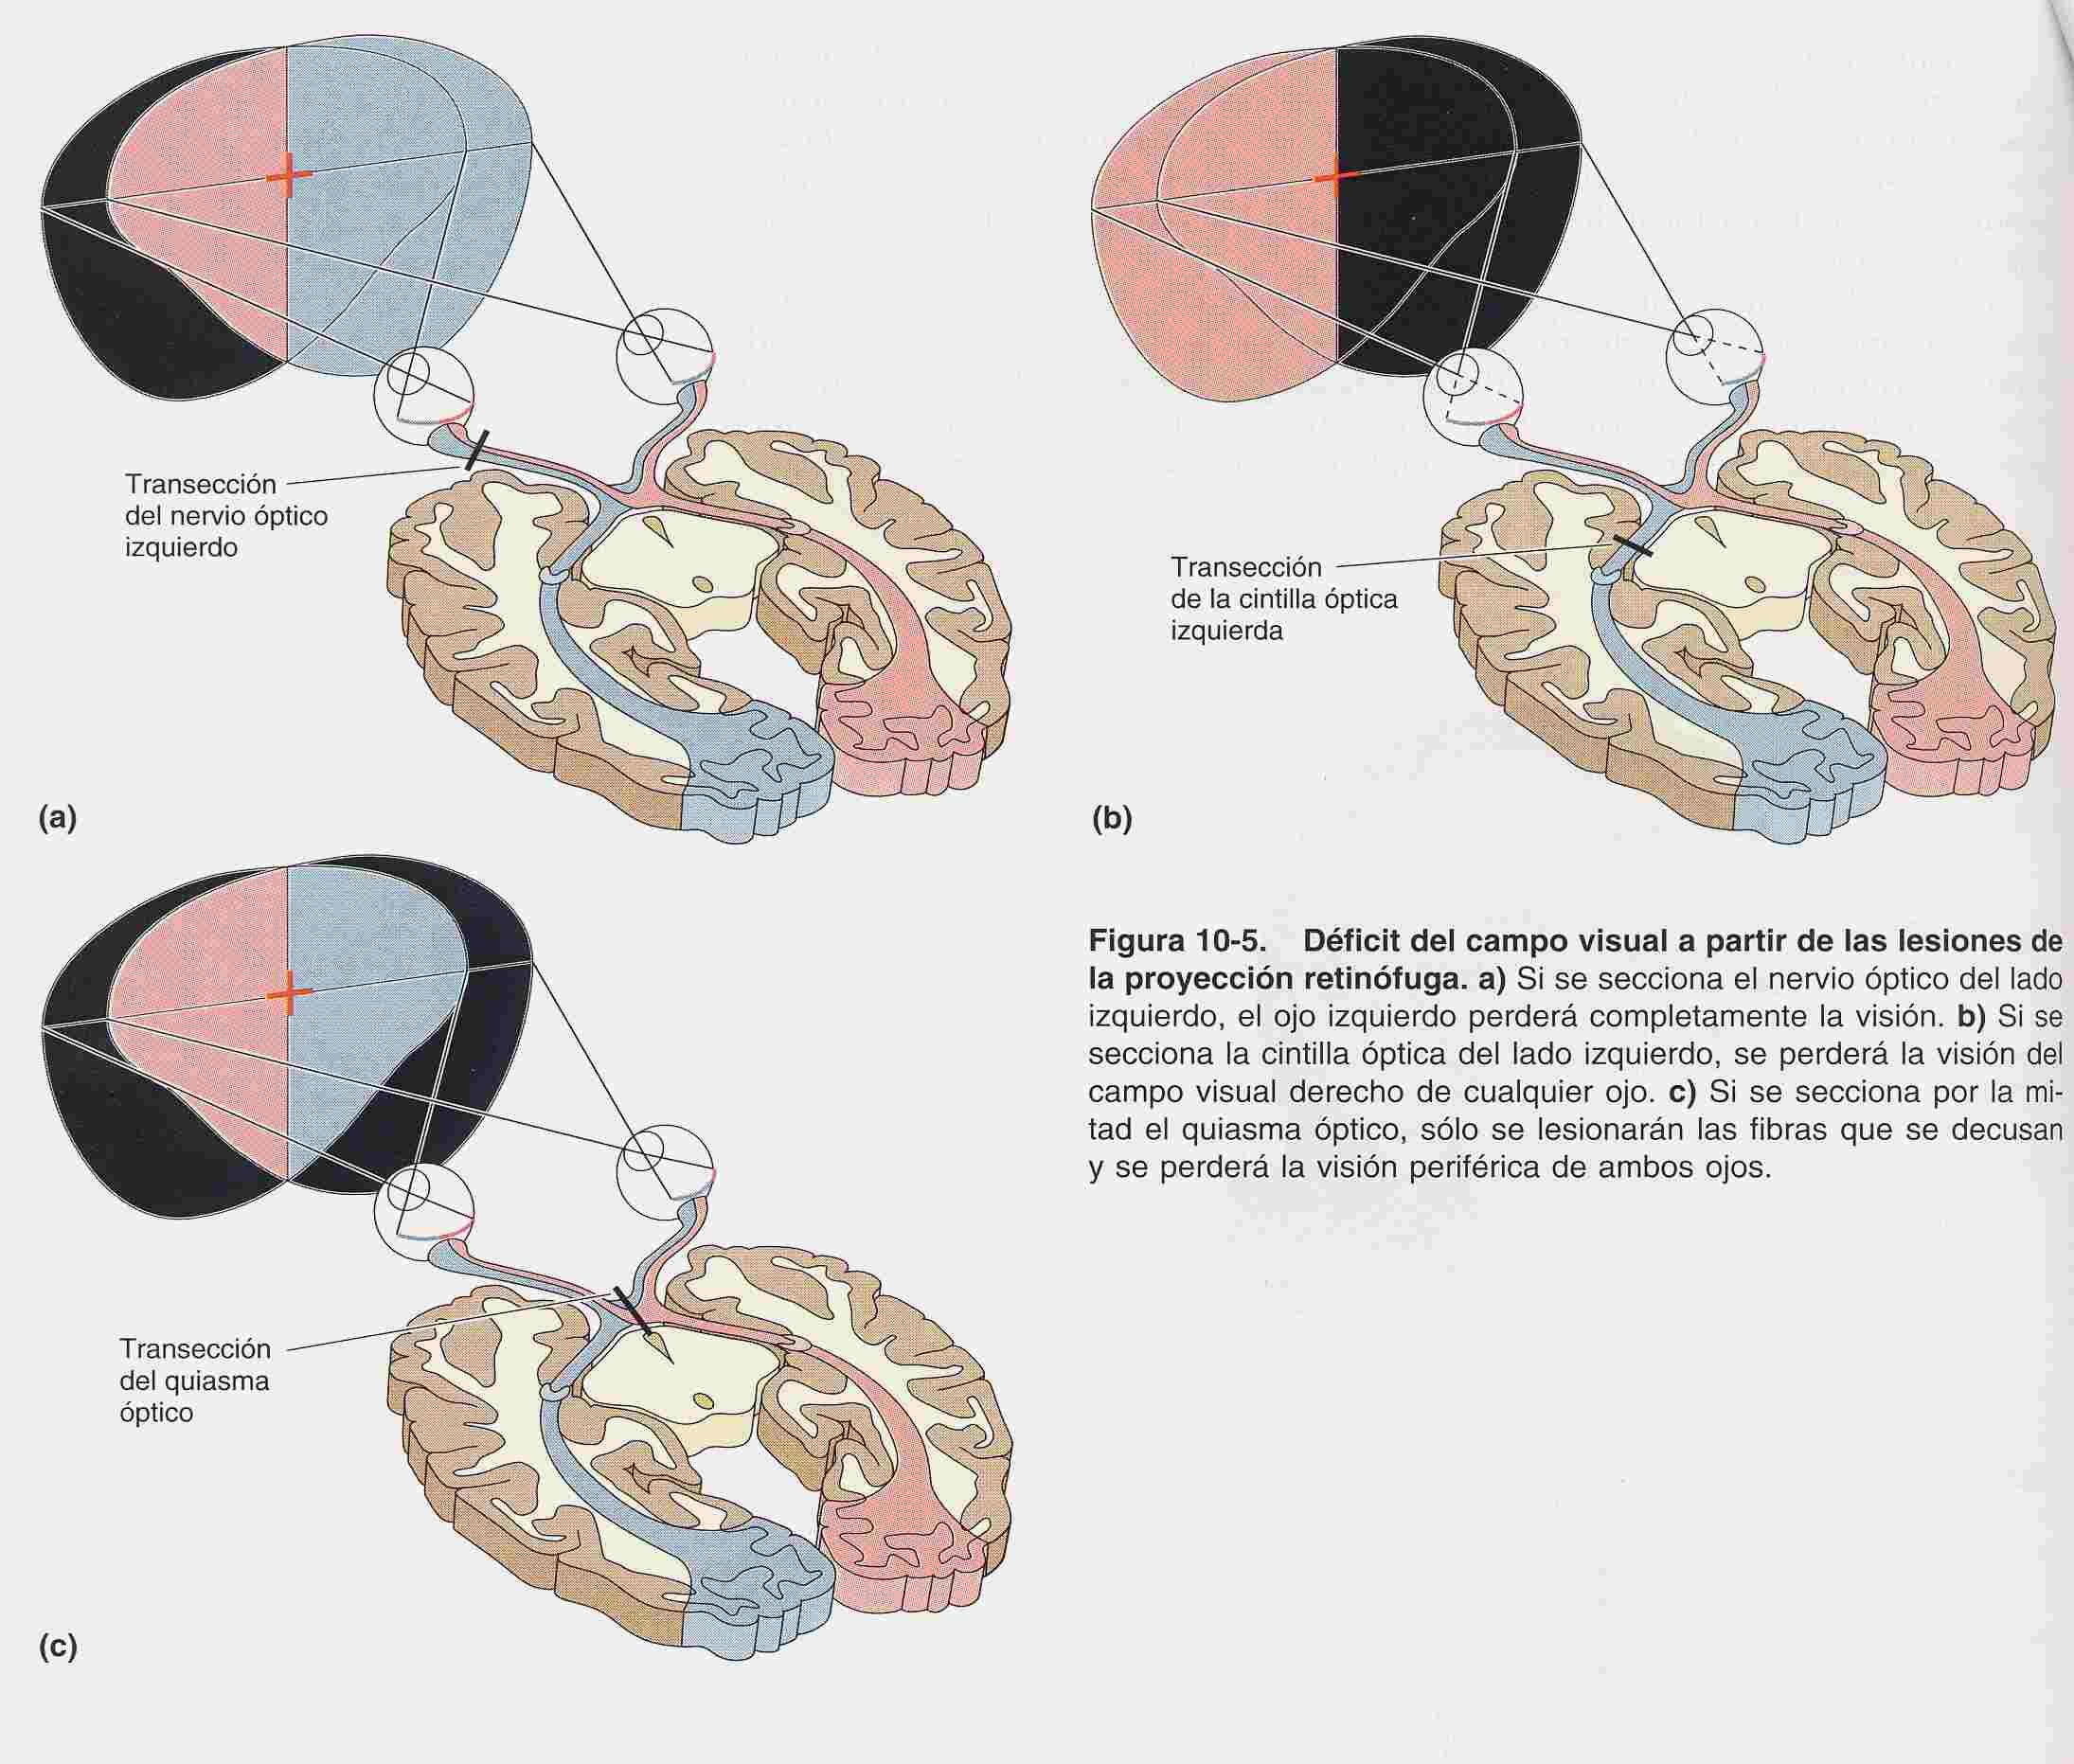 Sistema visual y ocular